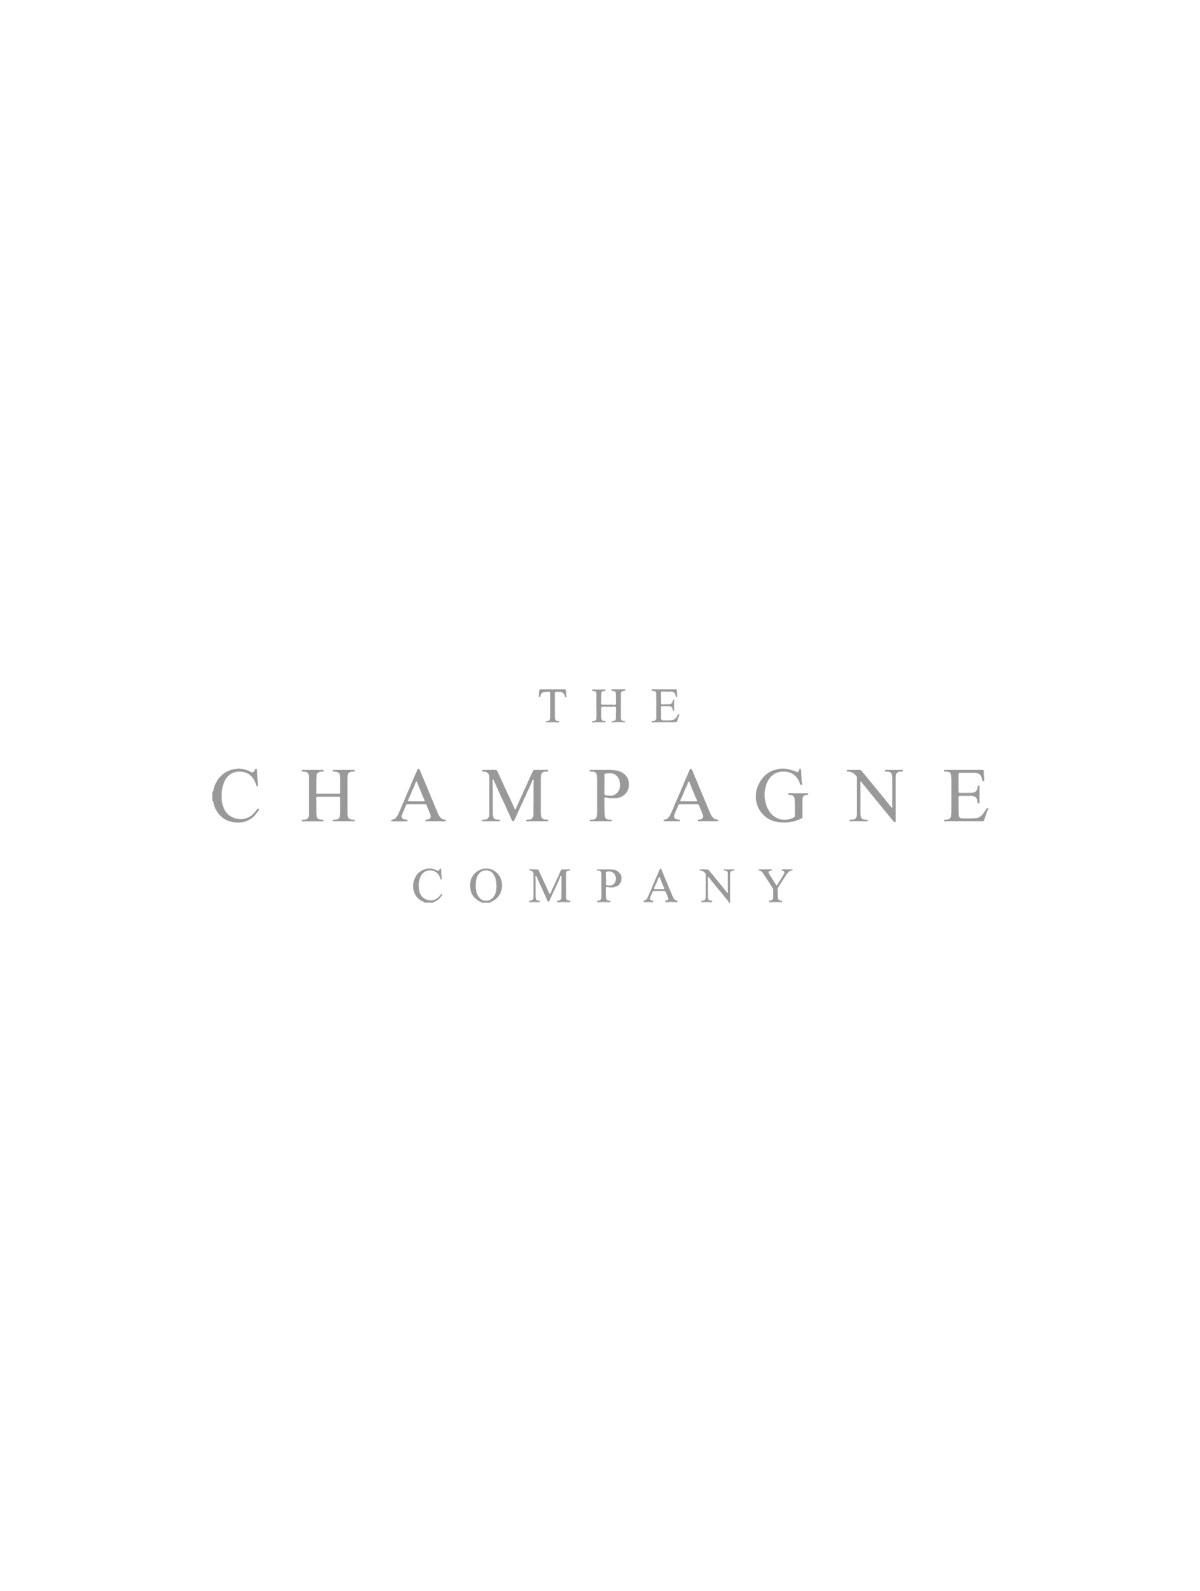 Scavi & Ray Prosecco Spumante 75cl